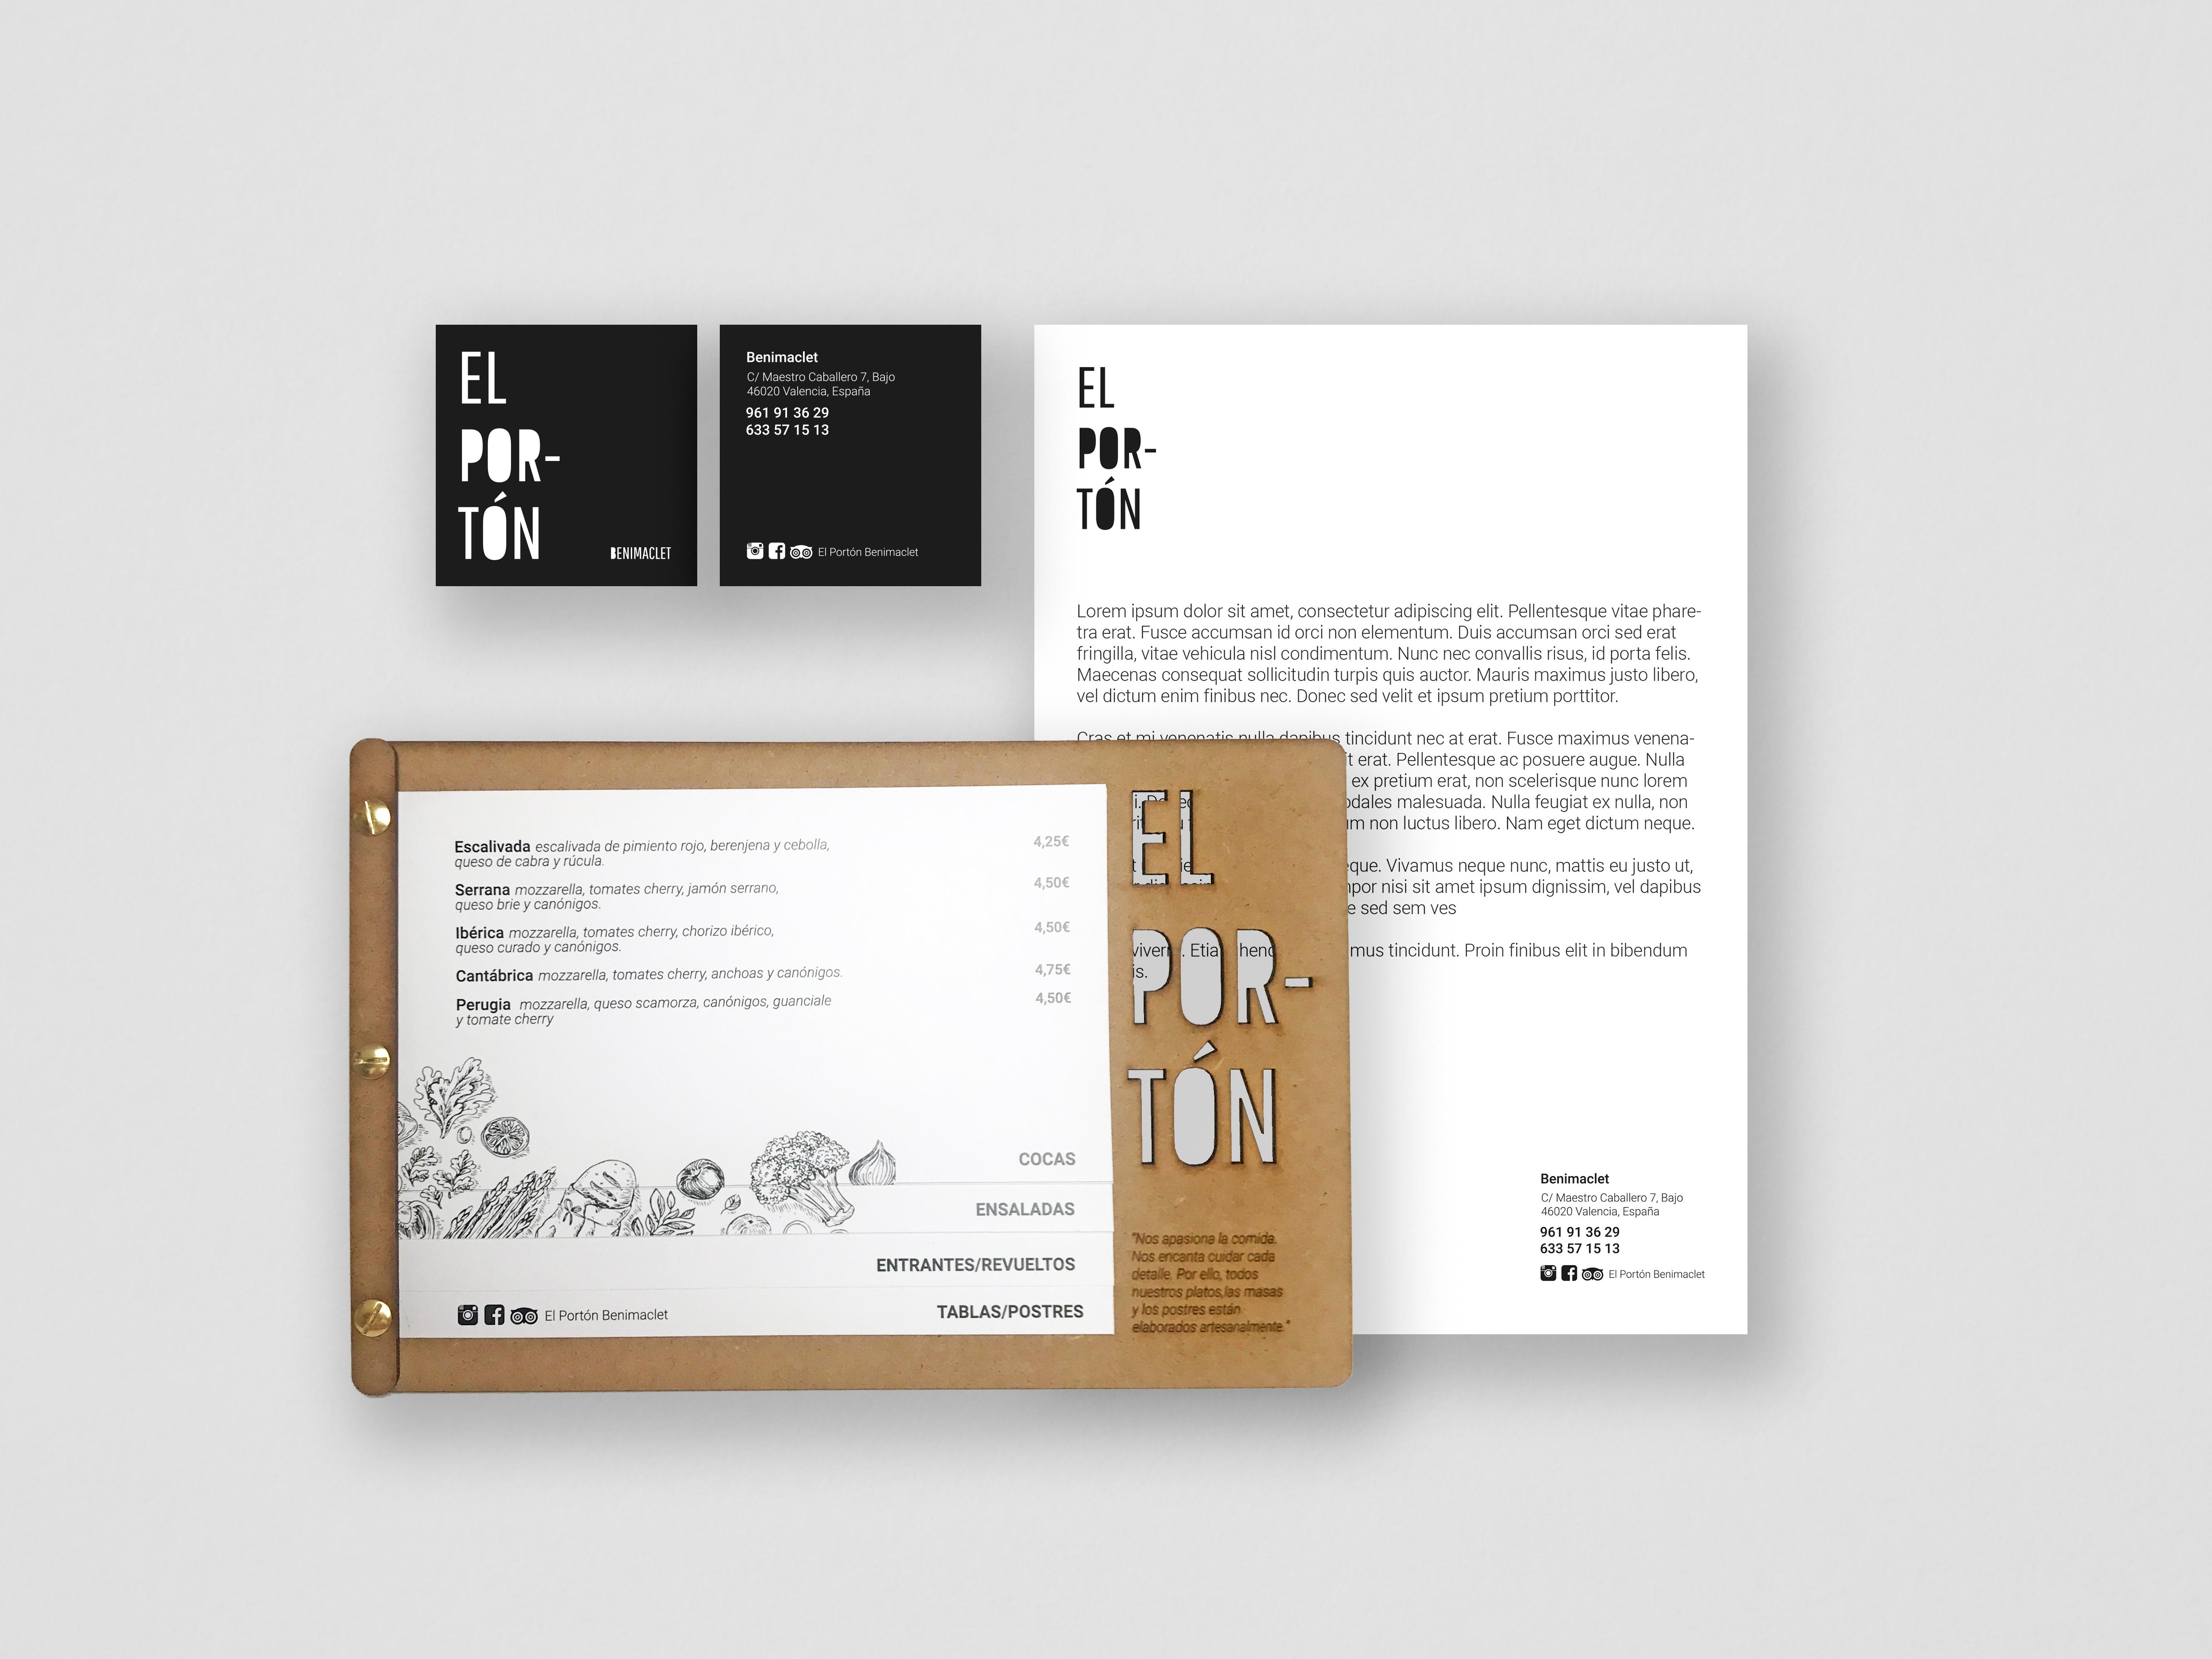 branding, imagen coporativa valencia, corte láser y rotulación el portón por archicercle